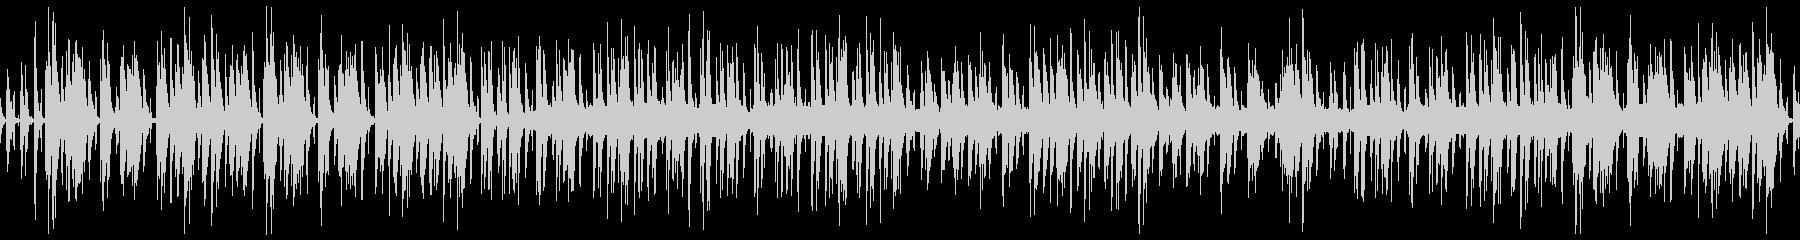 ハワイアン風ほのぼのウクレレのゆるい曲の未再生の波形